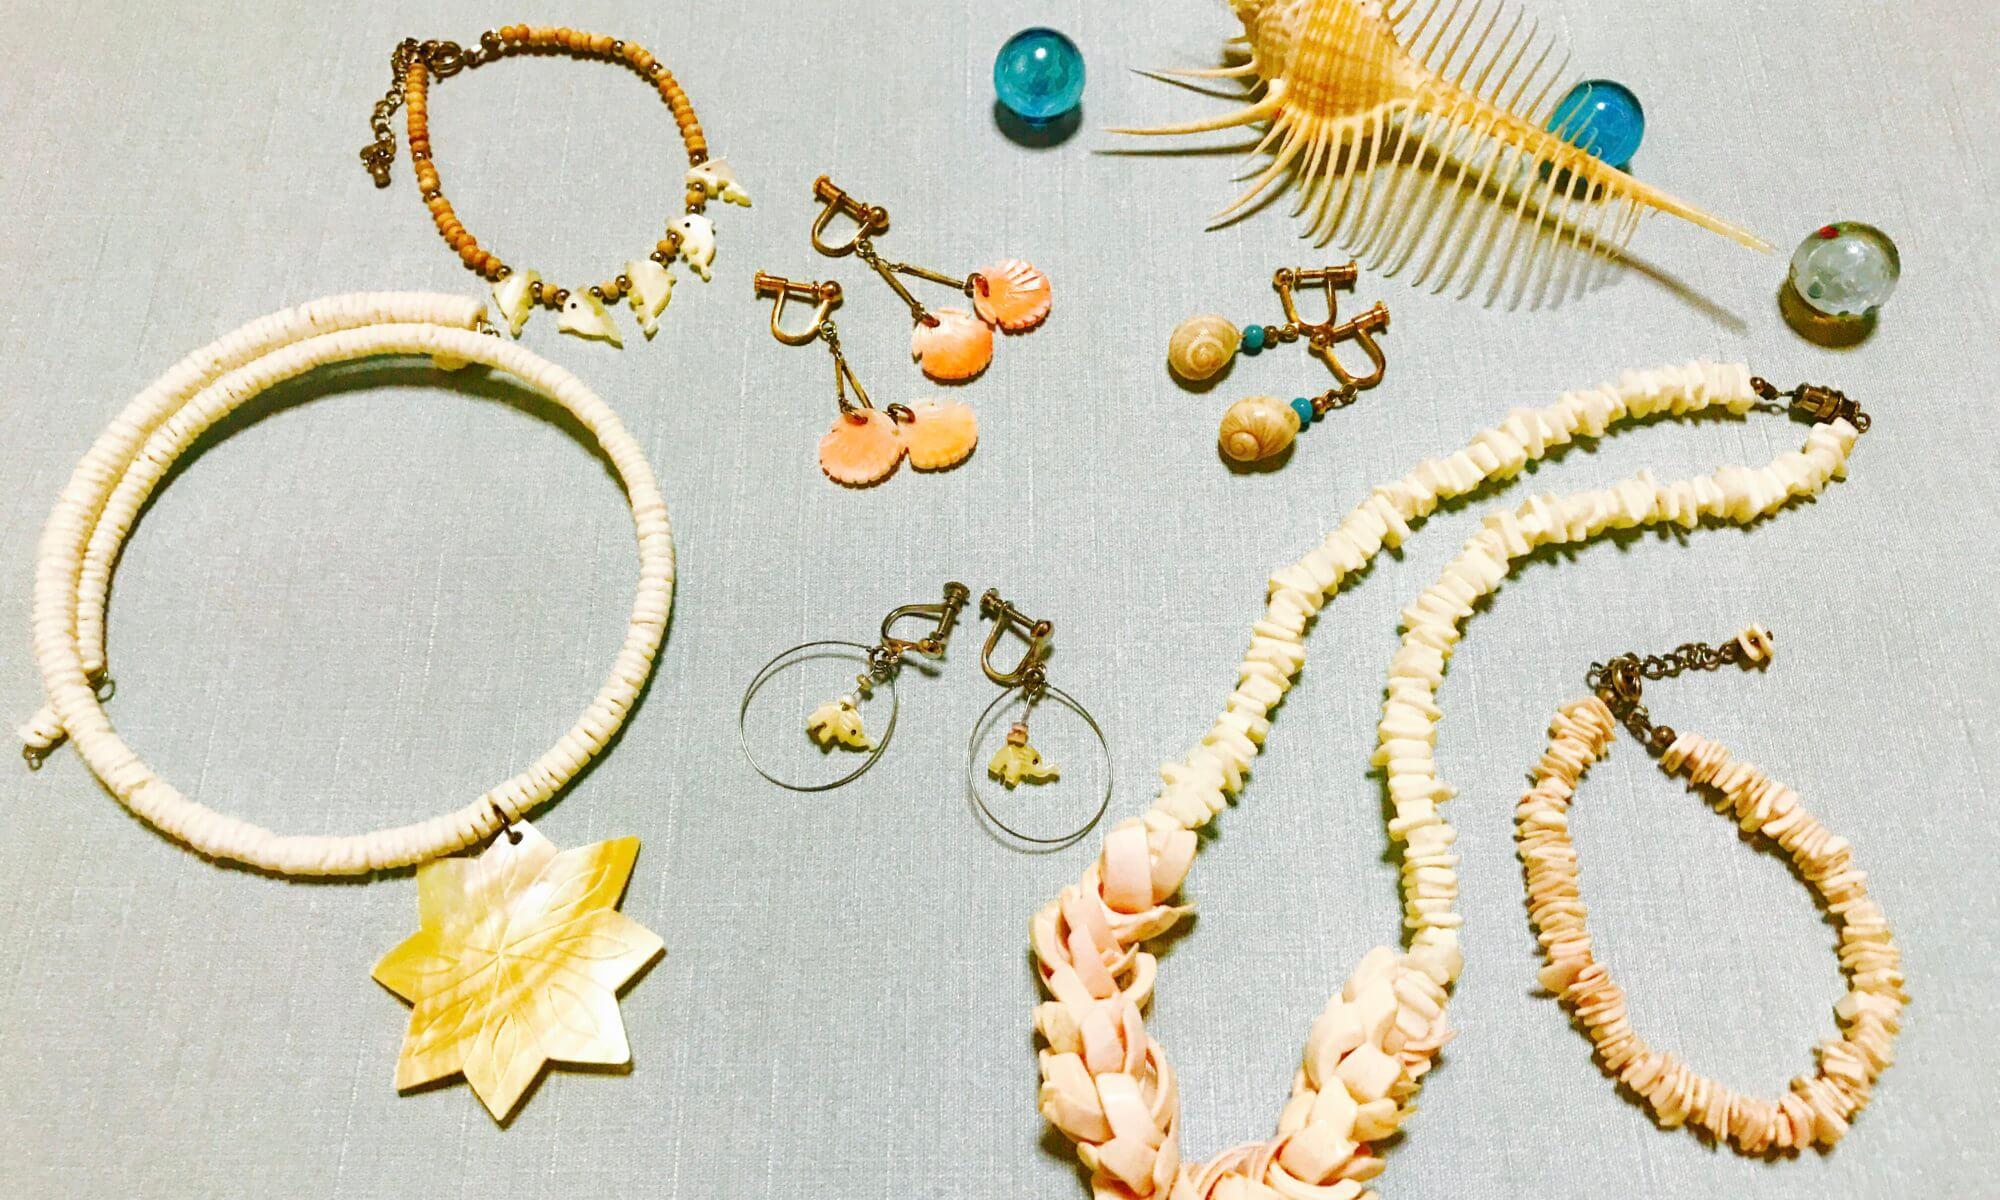 貝殻のネックレス、貝殻のイヤリング、貝殻のブレスレット